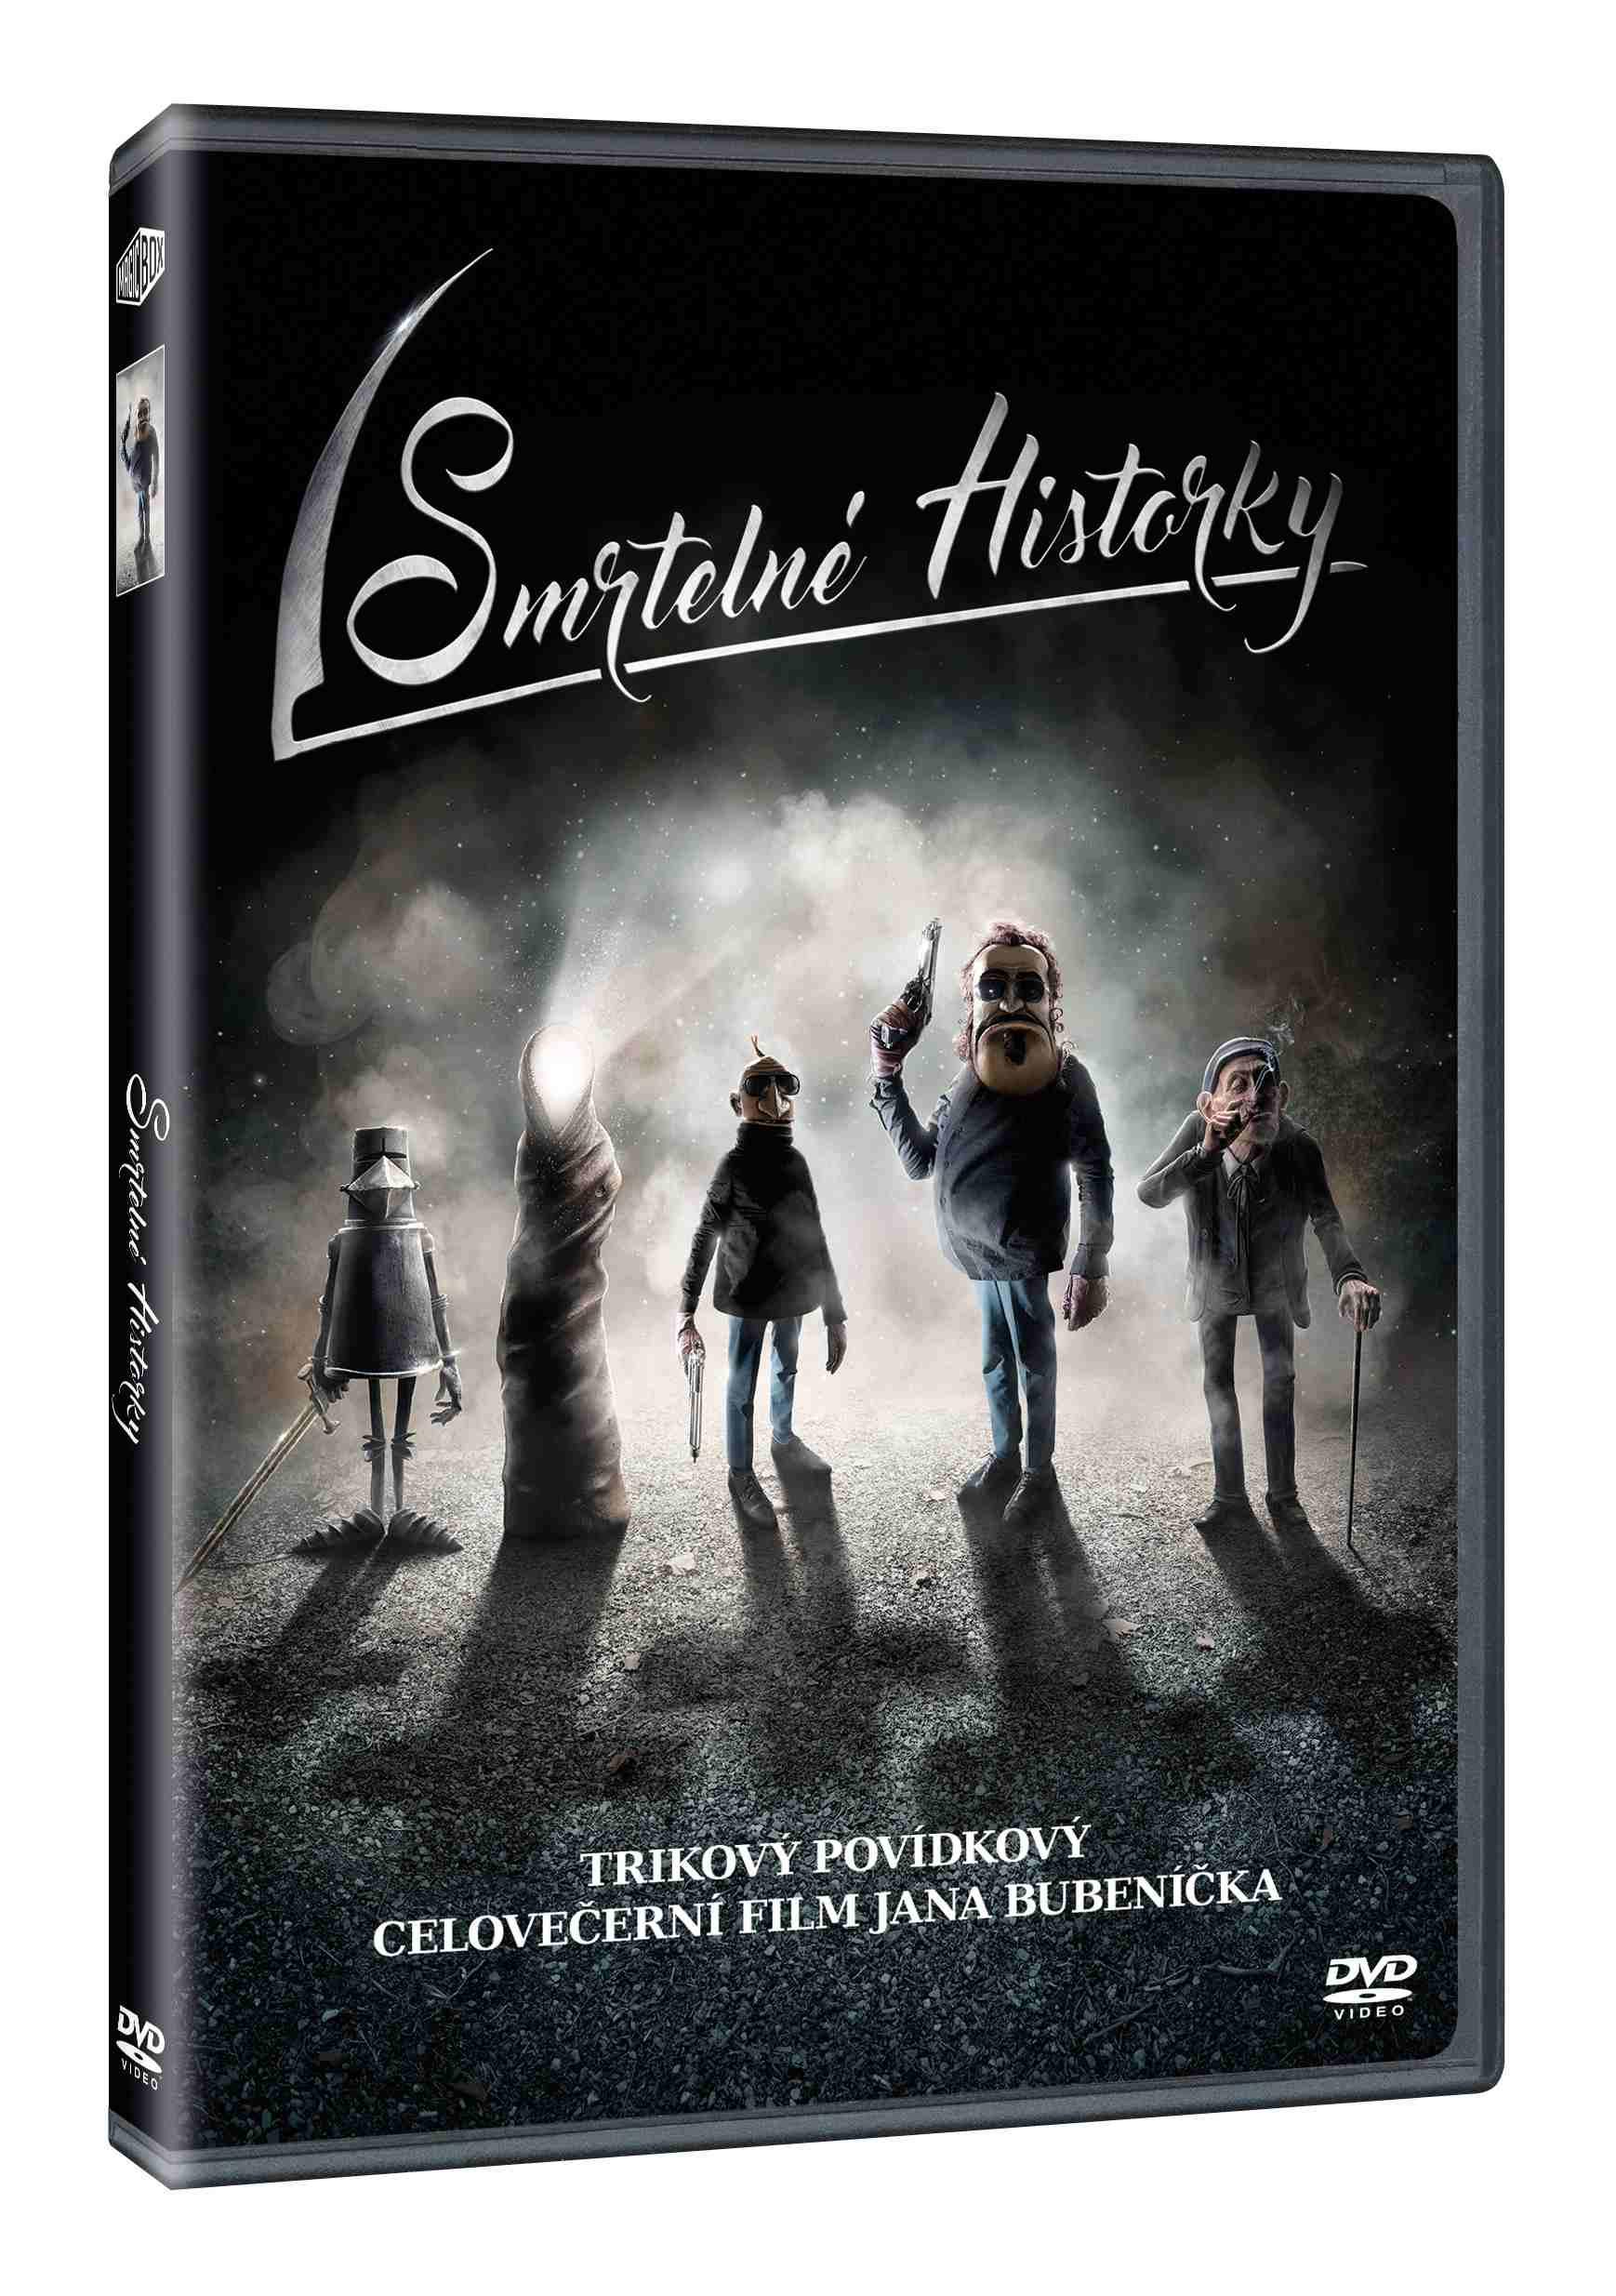 SMRTELNÉ HISTORKY - DVD